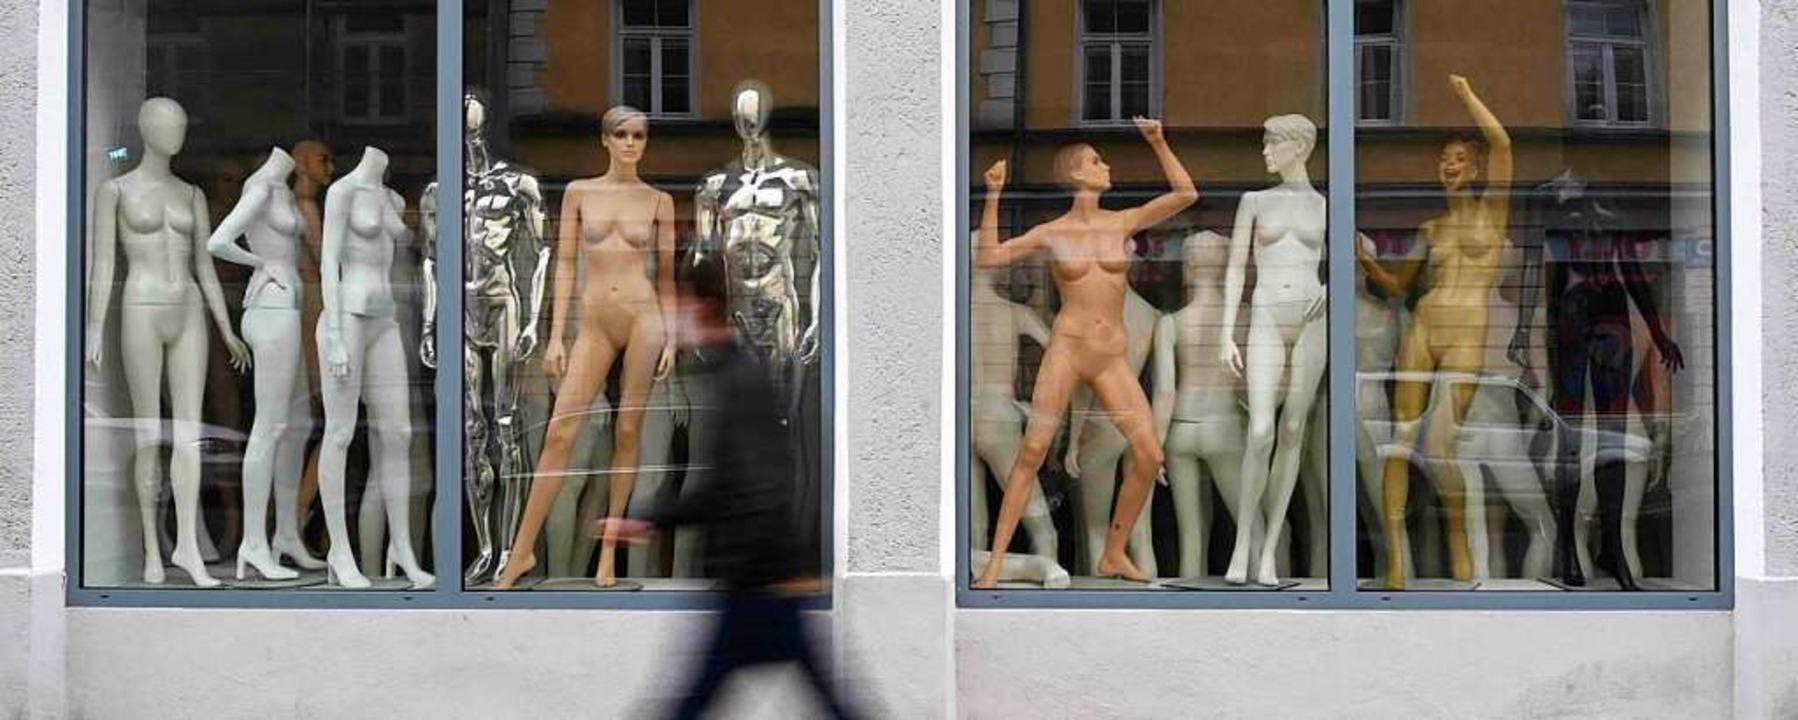 Die Corona-Zahlen steigen – die ...gänzt werden (Symbolbild aus München).  | Foto: CHRISTOF STACHE (AFP)